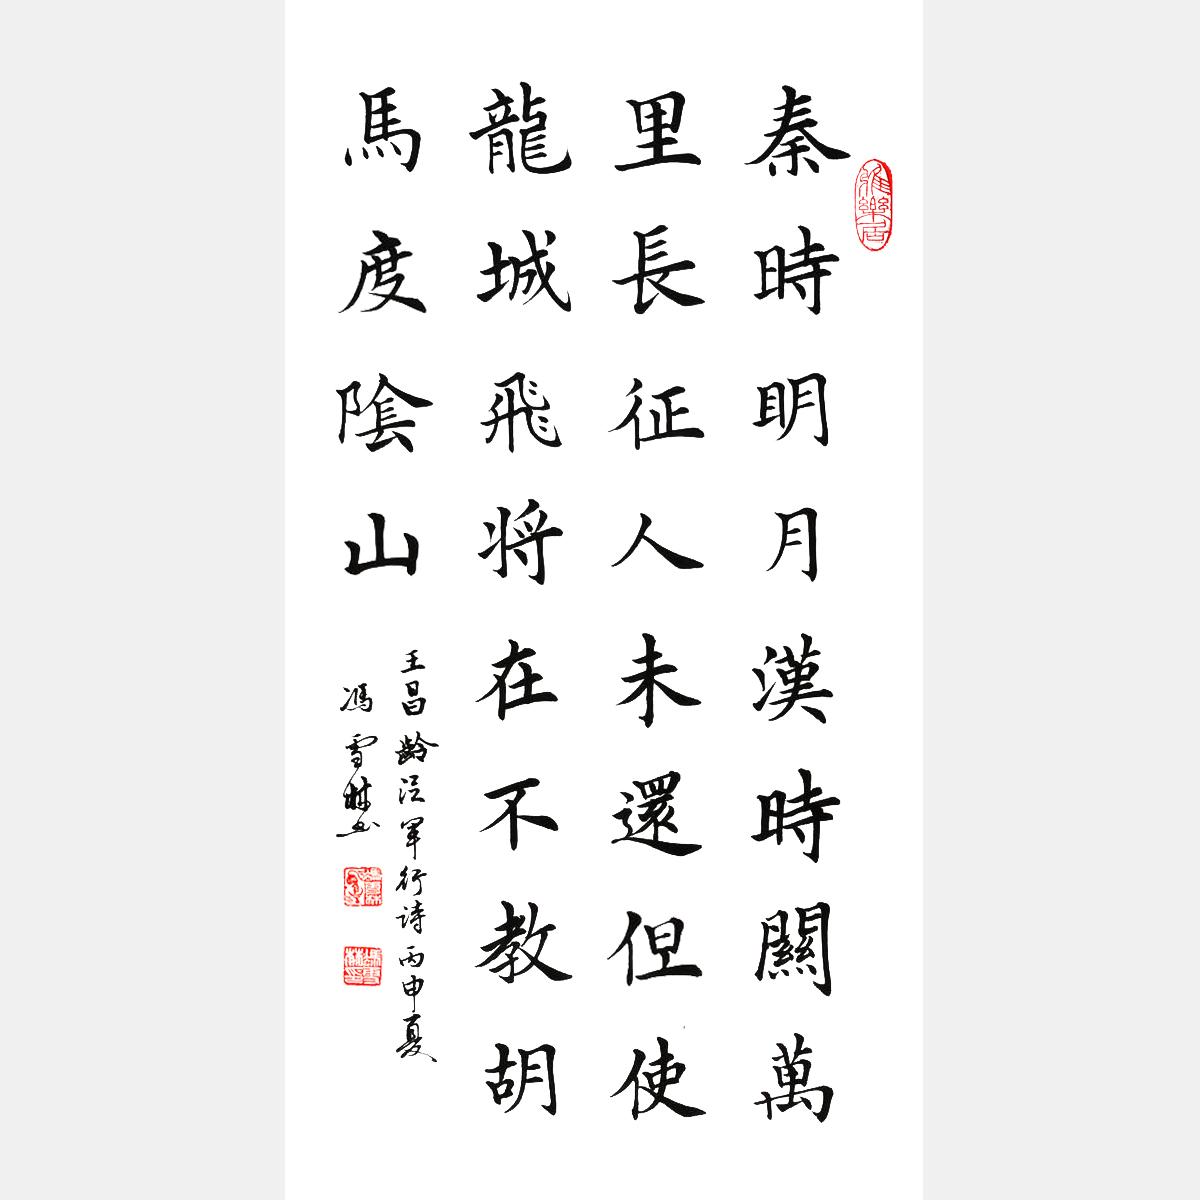 """唐王昌龄《出塞・其一》楷书书法作品 """"唐朝七绝之首"""""""